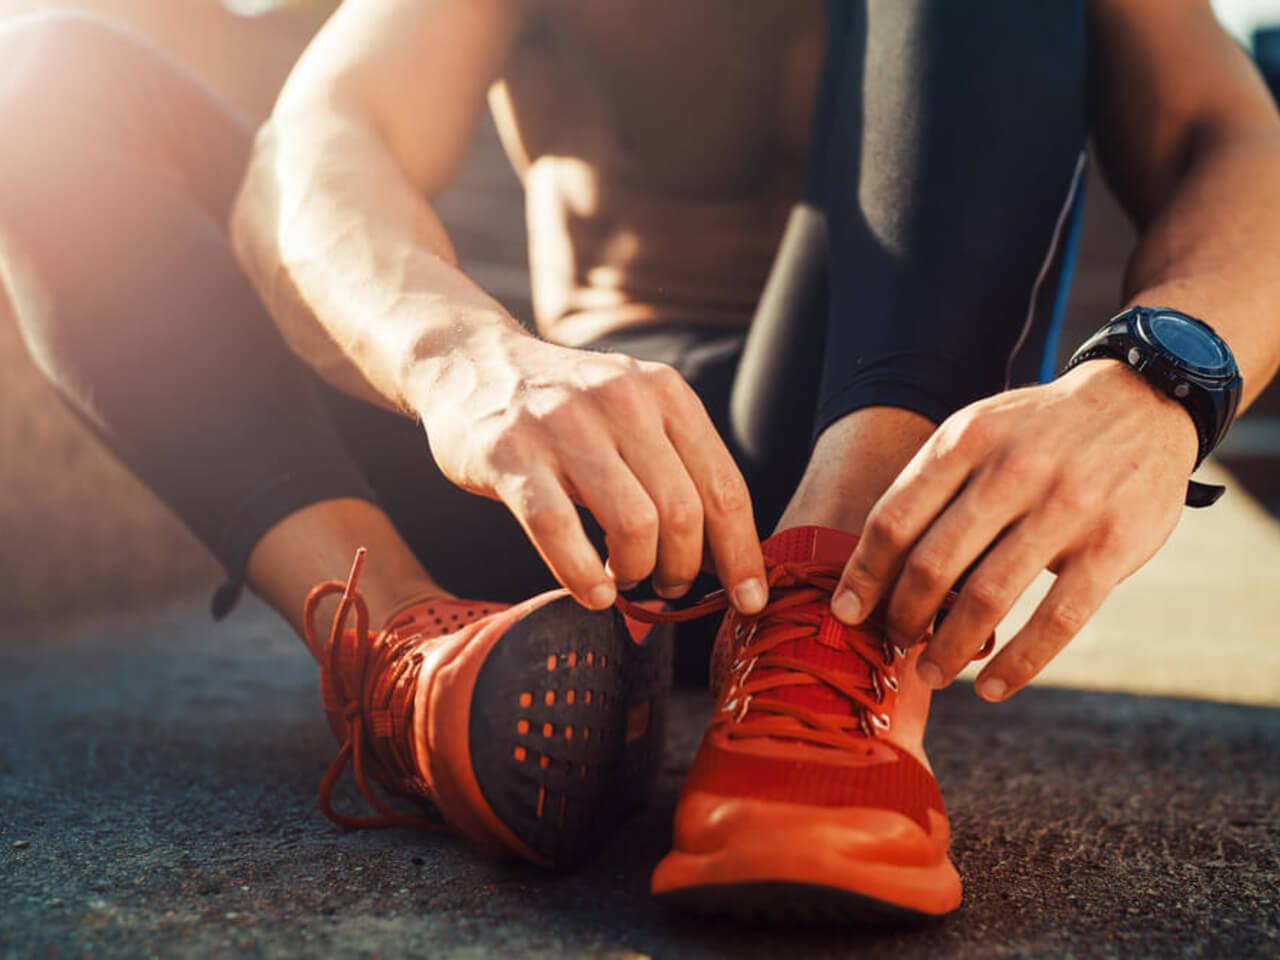 Začínáme běhat: Základní rady a doporučení, kterých se držet